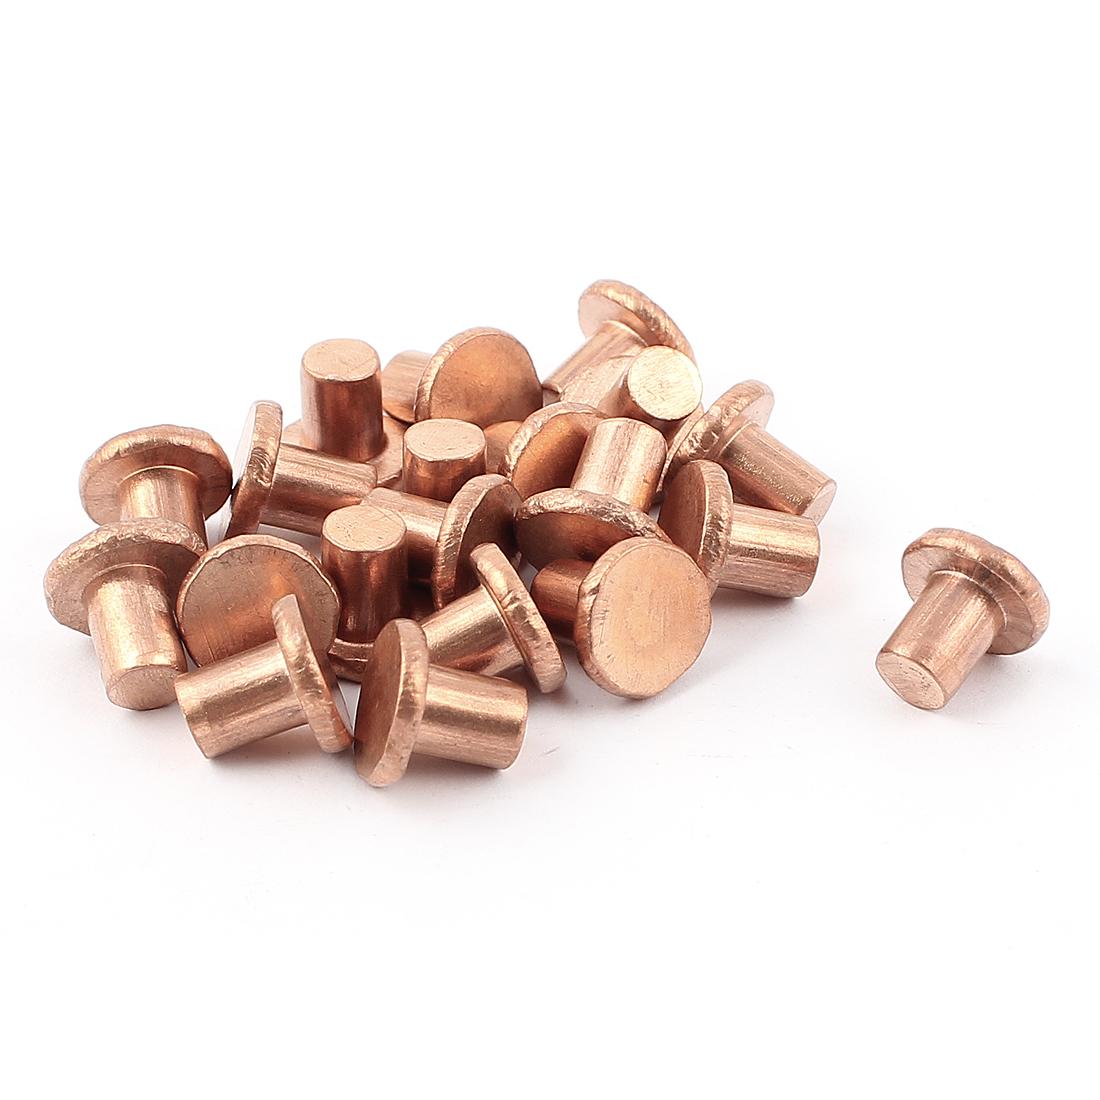 """20 Pcs 15/64"""" x 5/16"""" Flat Head Copper Solid Rivets Fasteners"""